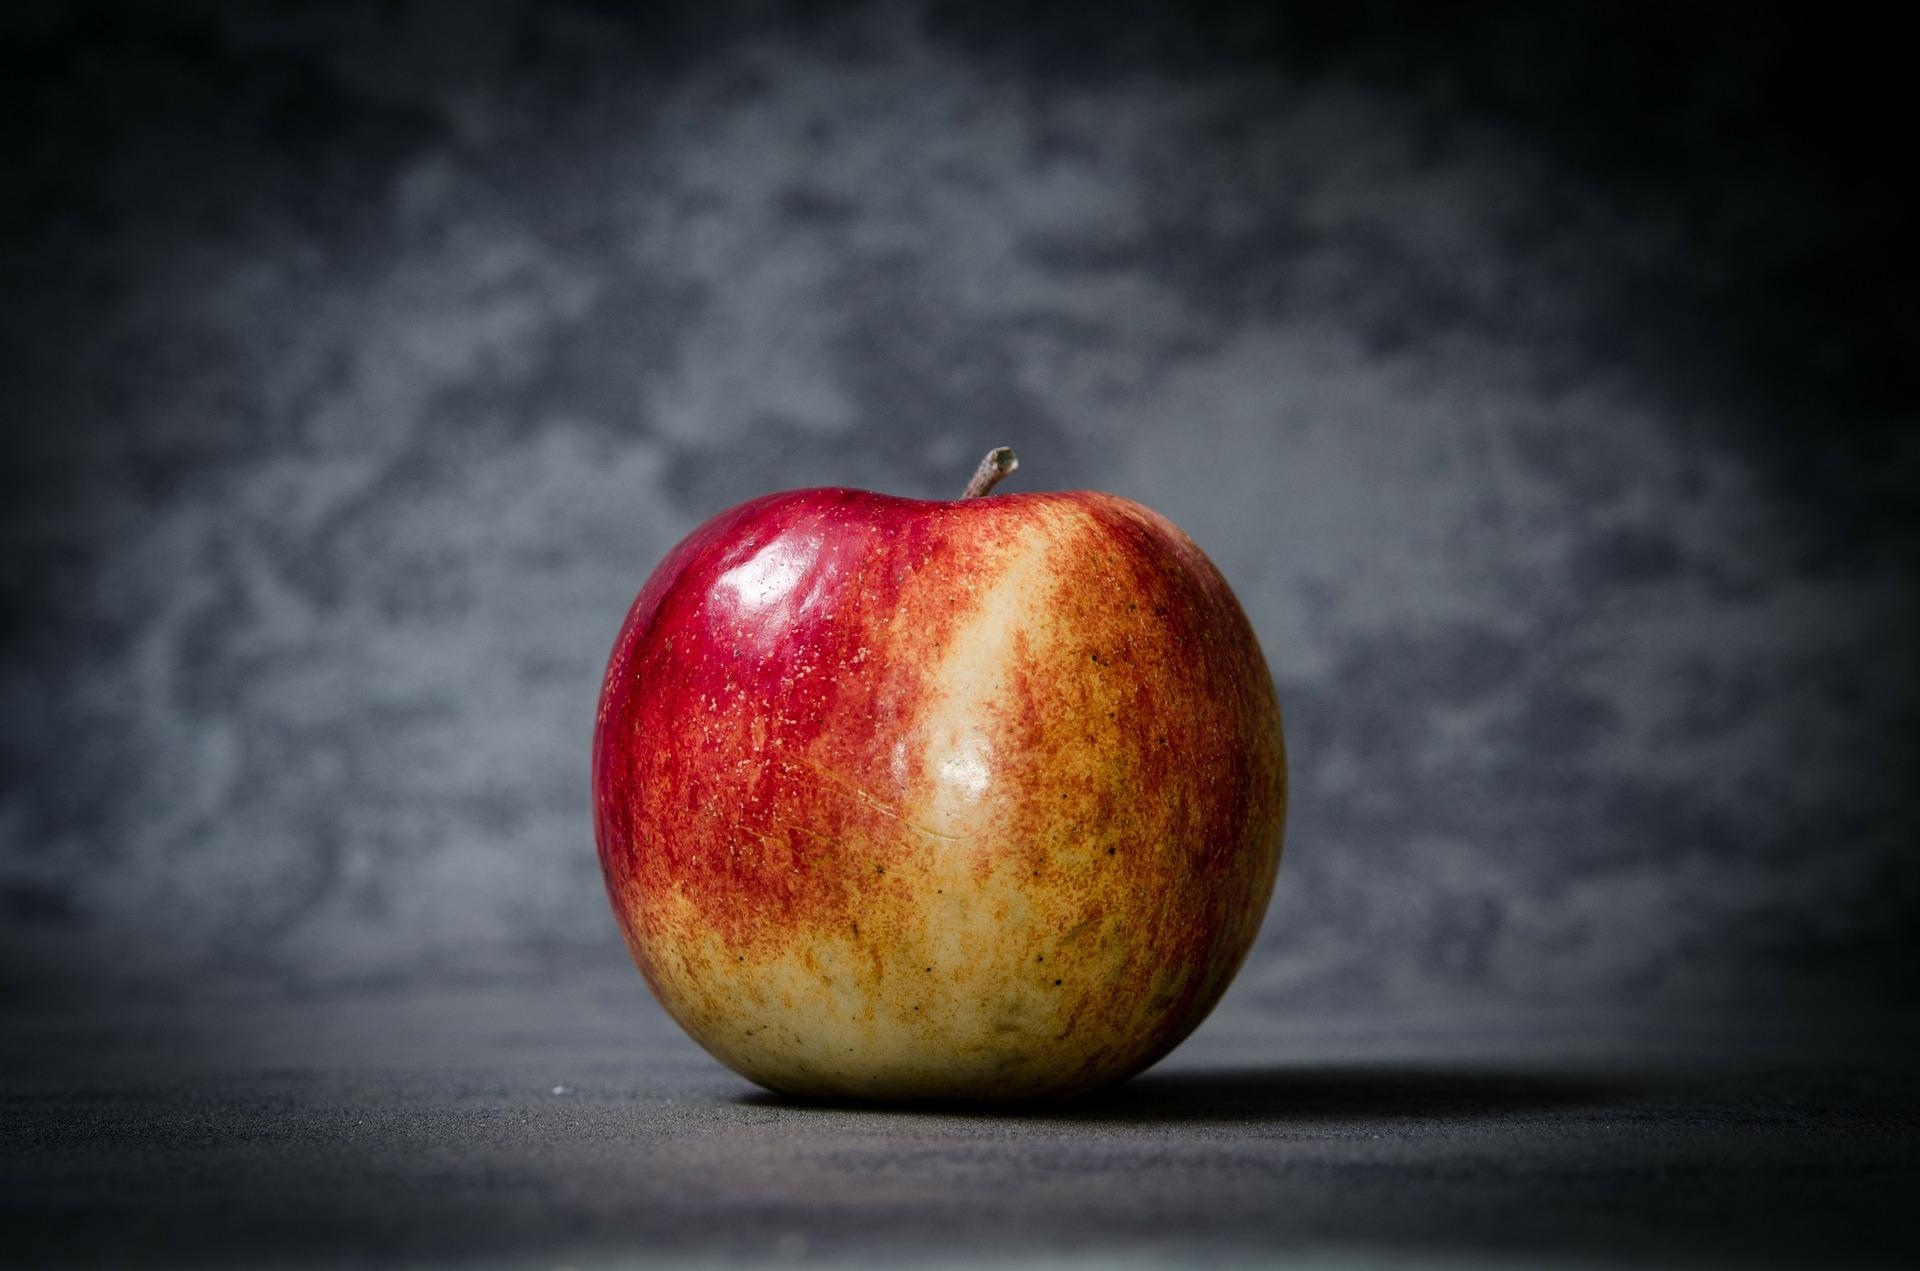 苹果定律:你不知道哪个苹果会砸中自己